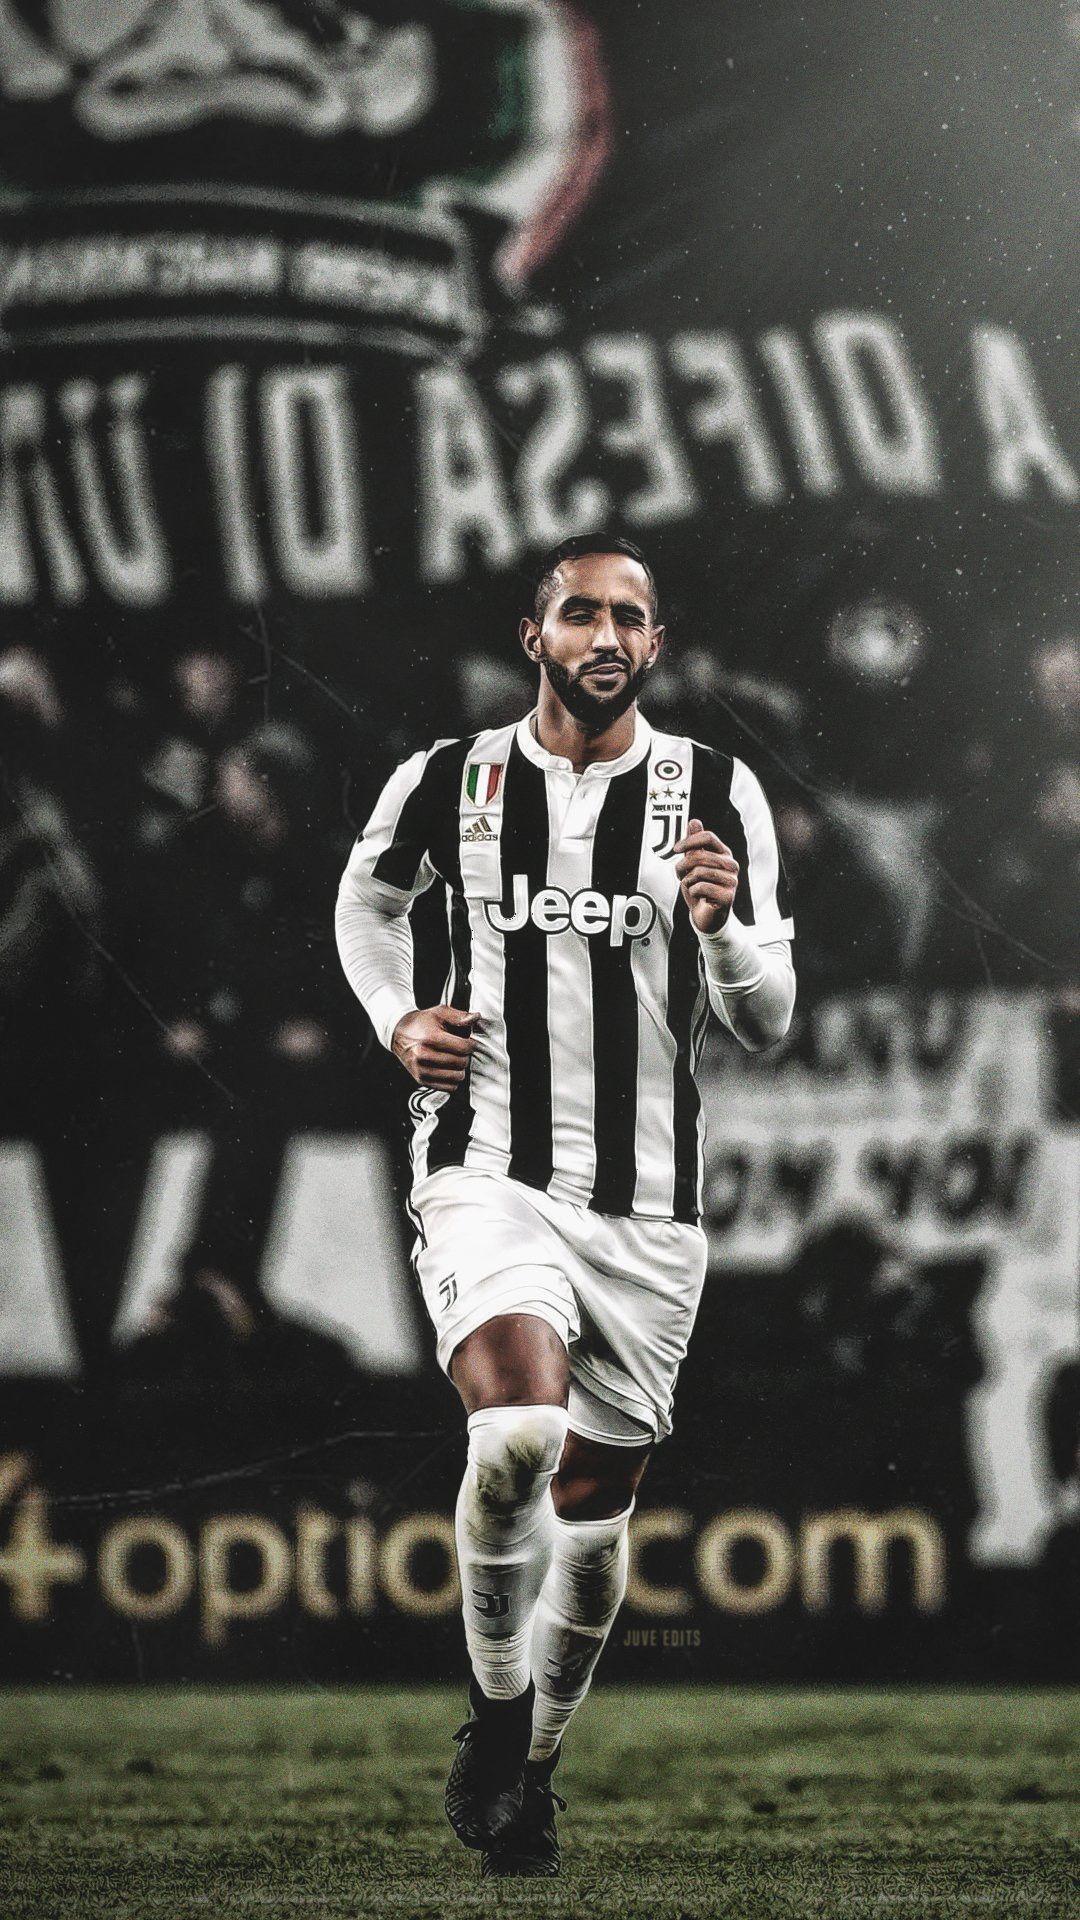 Camiseta Juventus MEDHI BENATIA